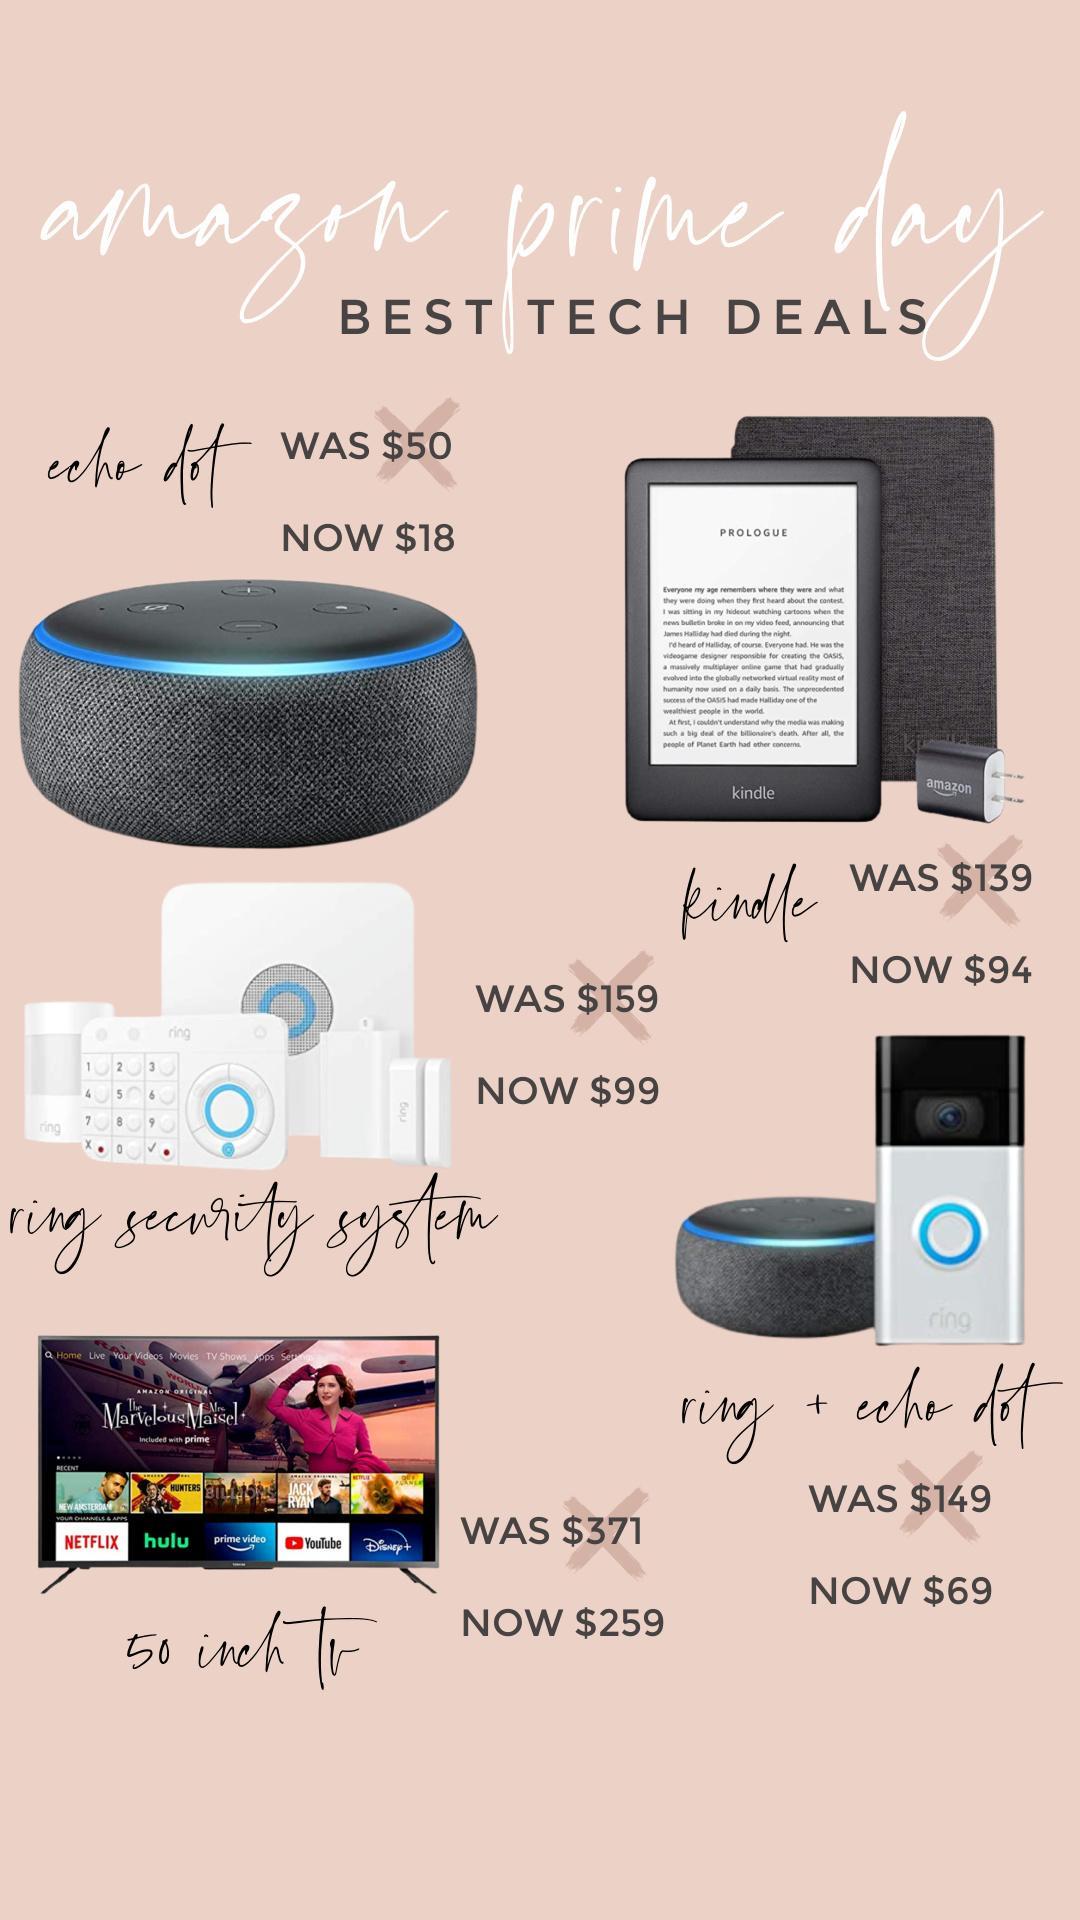 amazon prime day: best tech deals